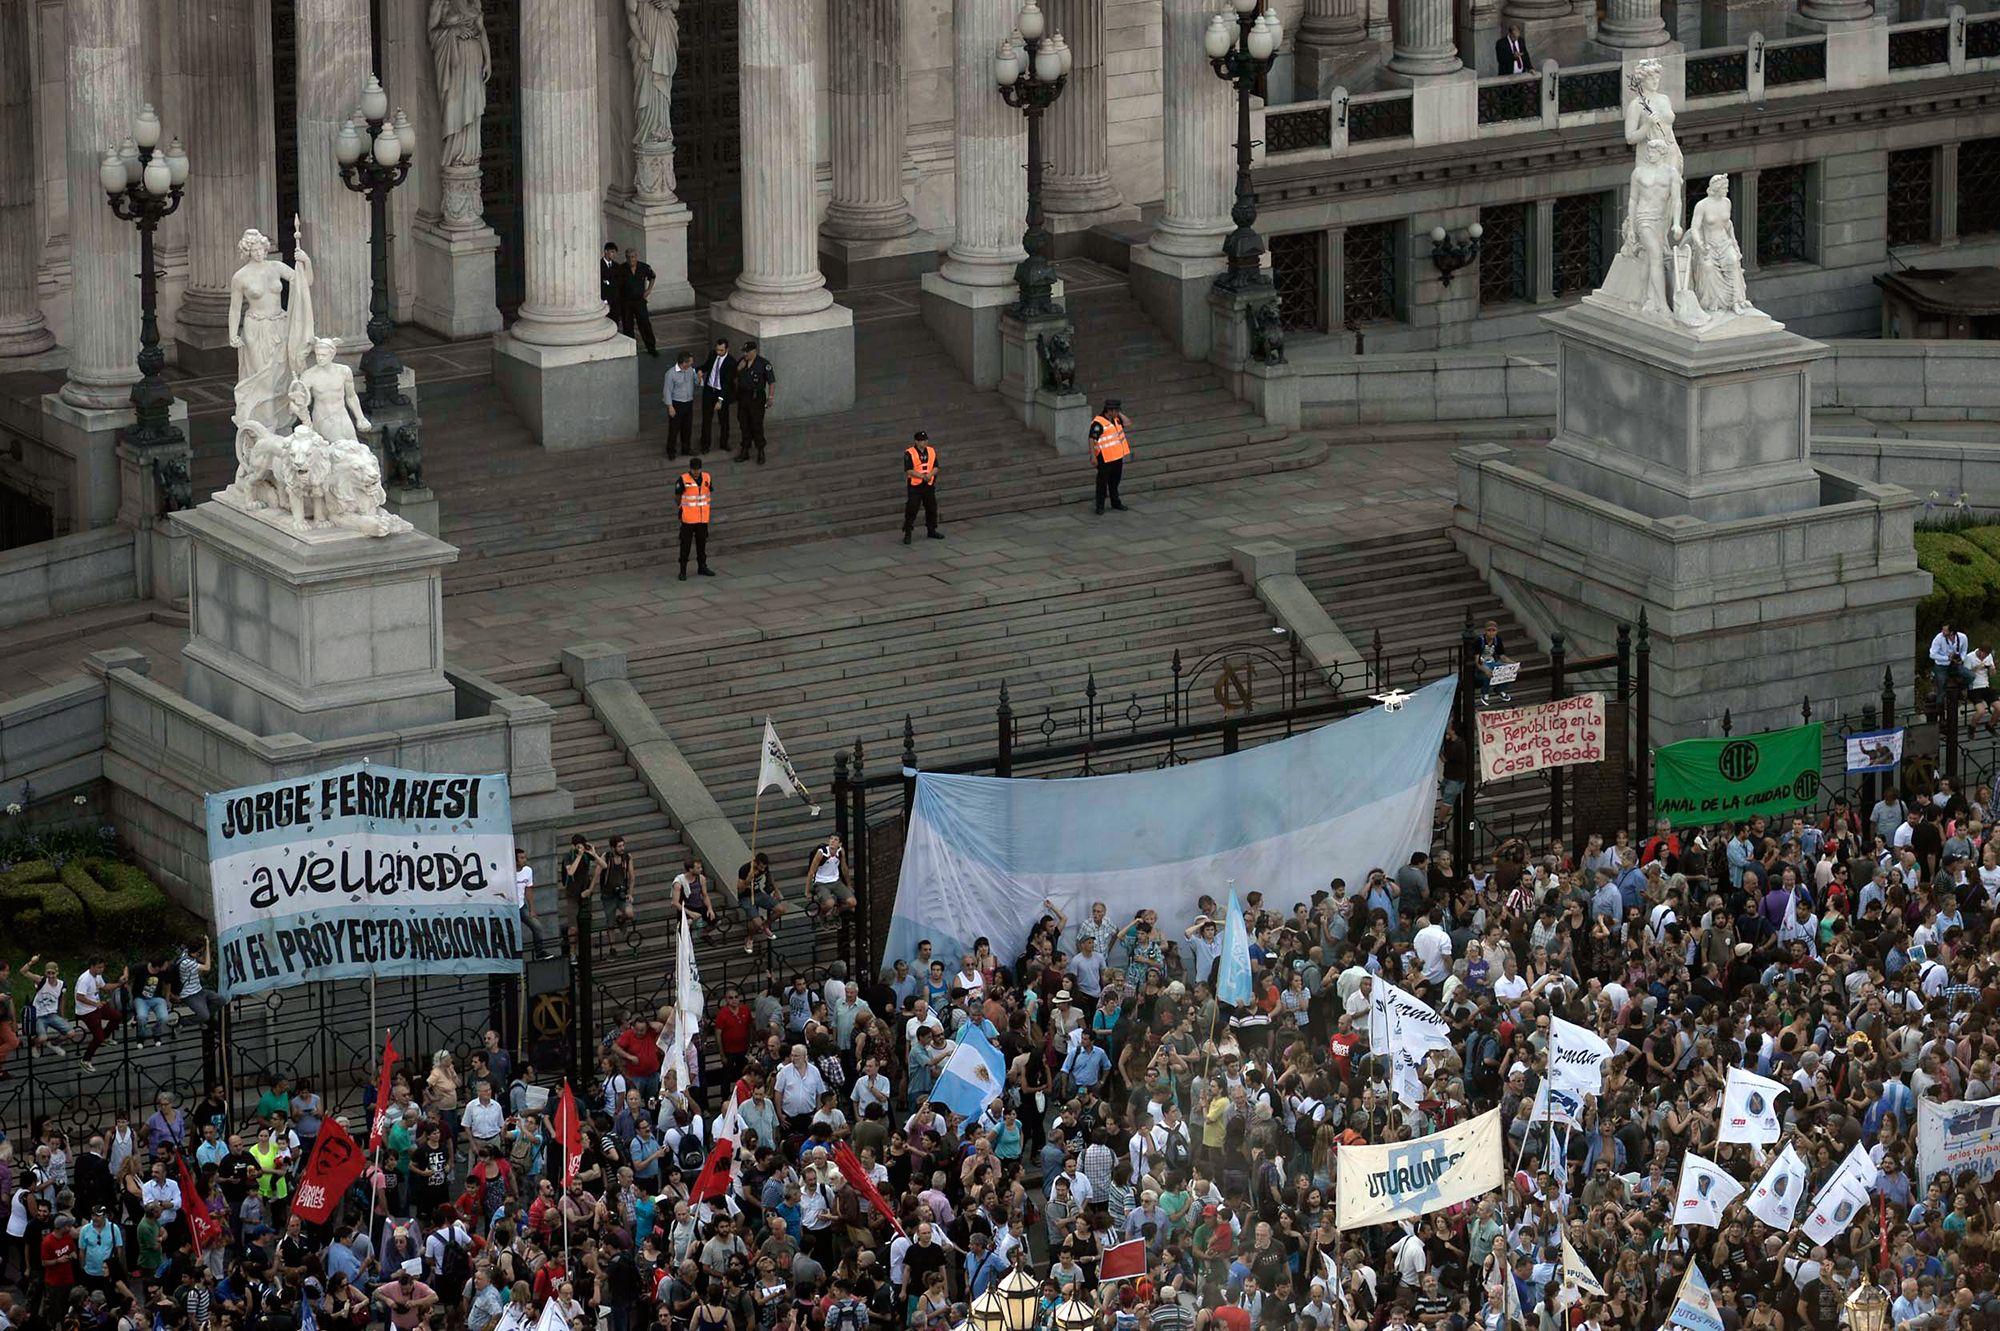 Conovocan a una nueva marcha contra las políticas de Macri